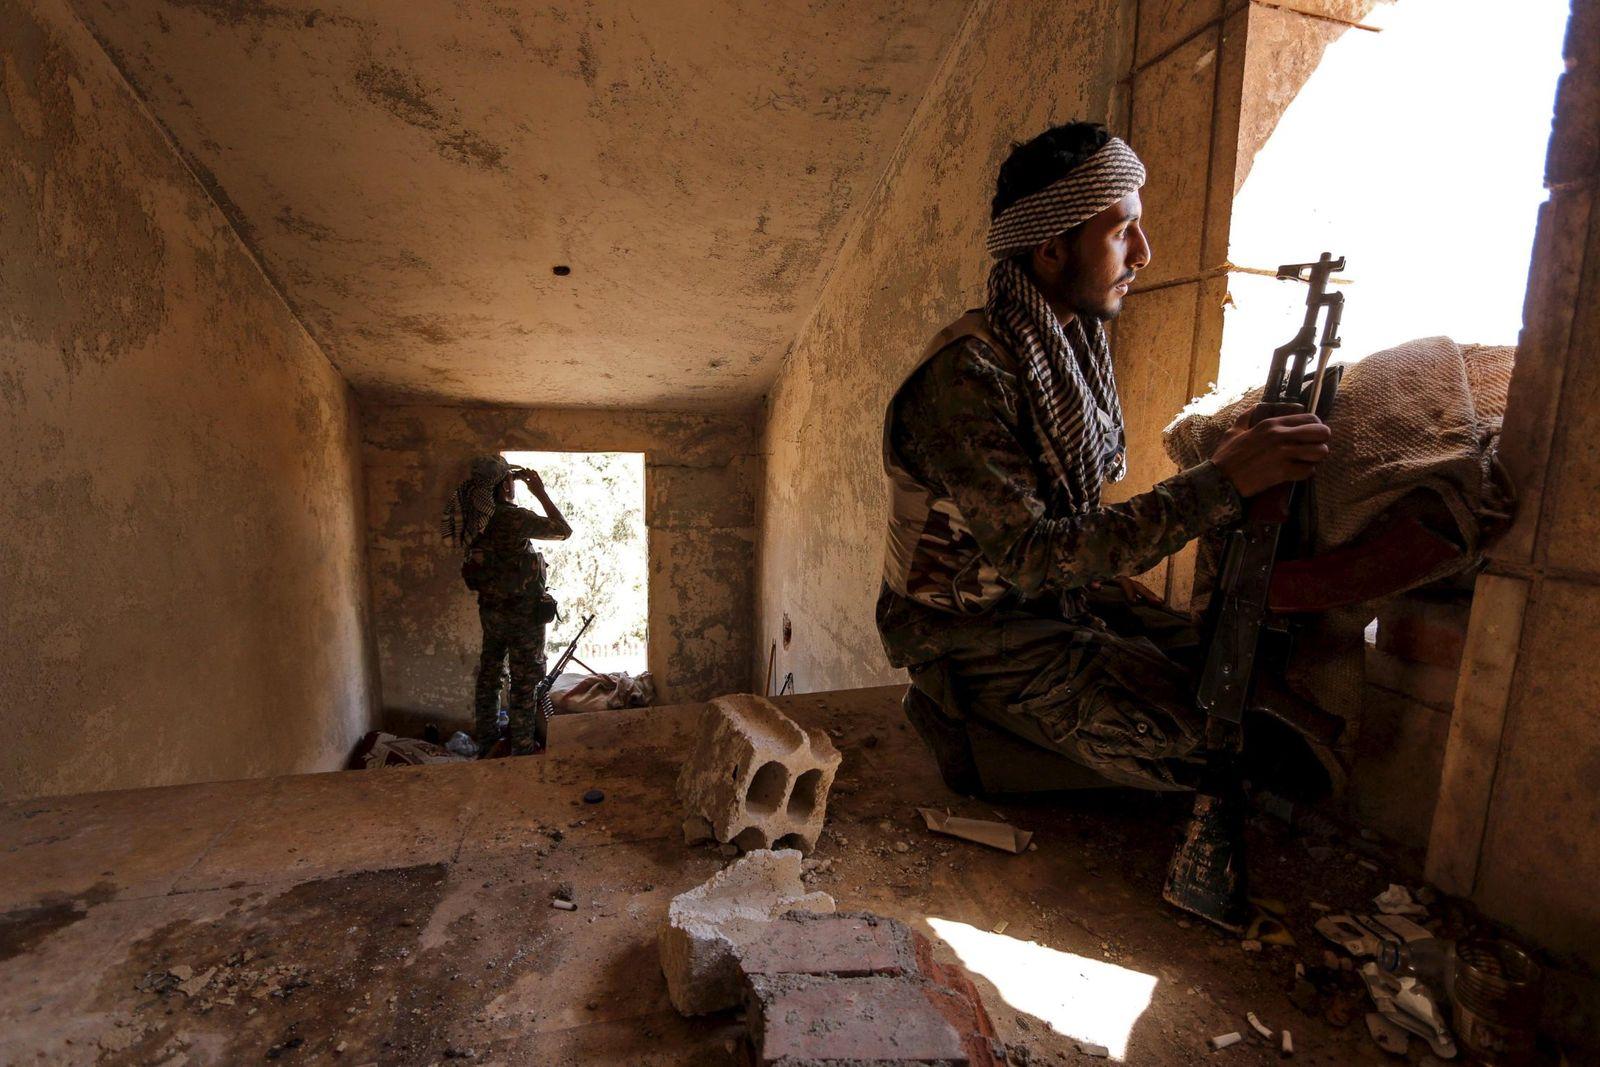 Foto: Un combatiente de las YPG kurdas observa el frente desde el interior de un edificio en la ciudad siria de Hasaka, el 22 de julio de 2015 (Reuters).